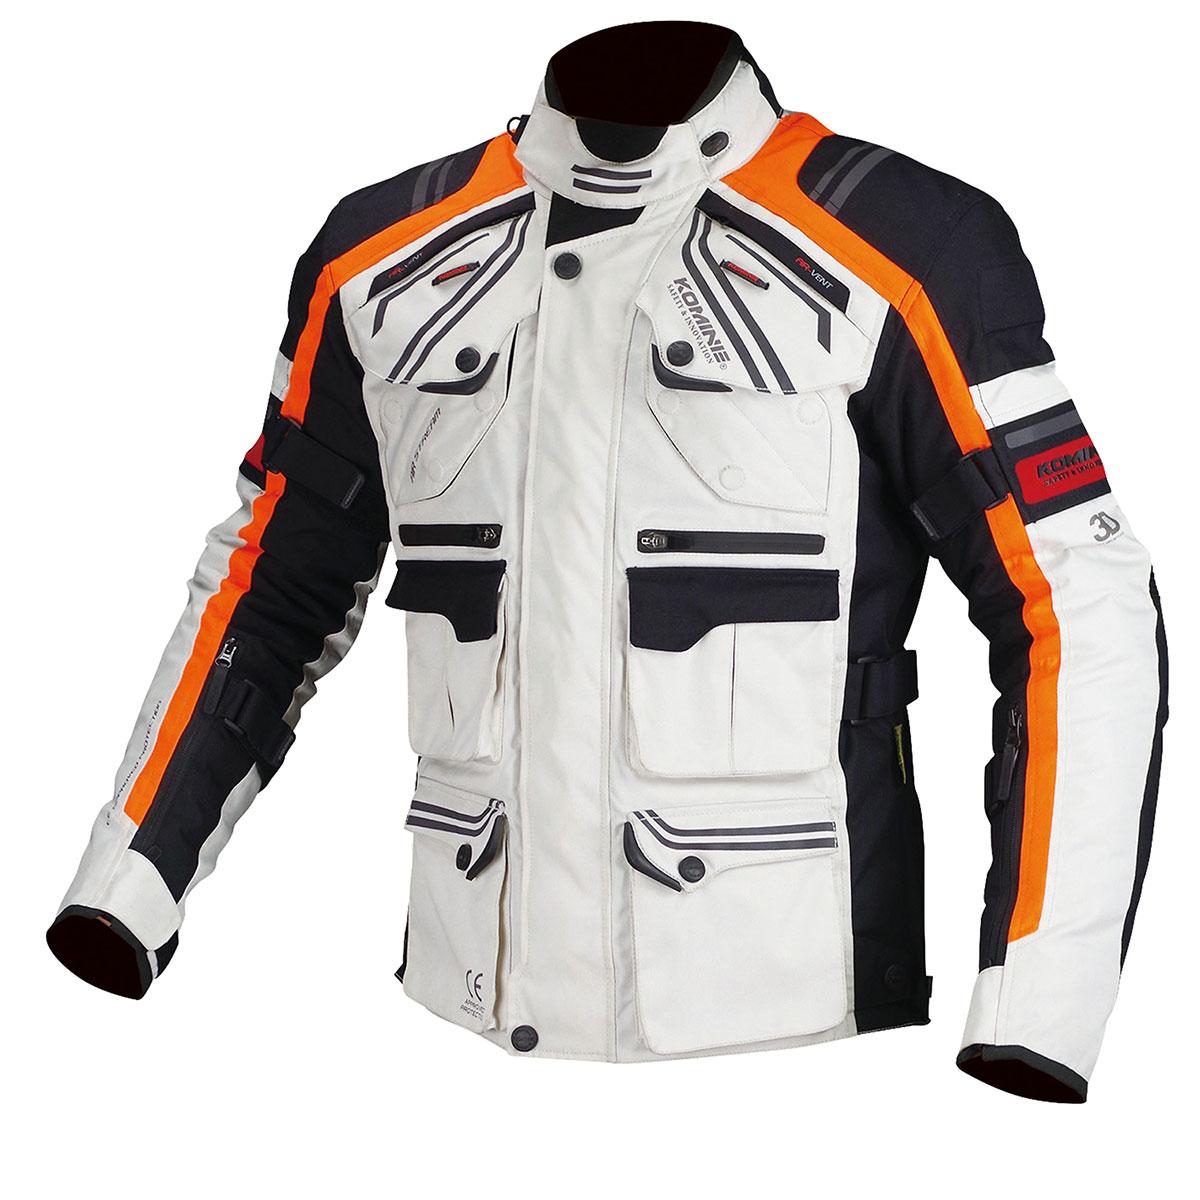 コミネ (Komine) バイク用 ジャケット Jacket JK-593 プロテクトフルイヤーツーリングジャケット ライト グレー オレンジ 灰色 橙 4XLBサイズ 07-593/LGY/OR/4XLB